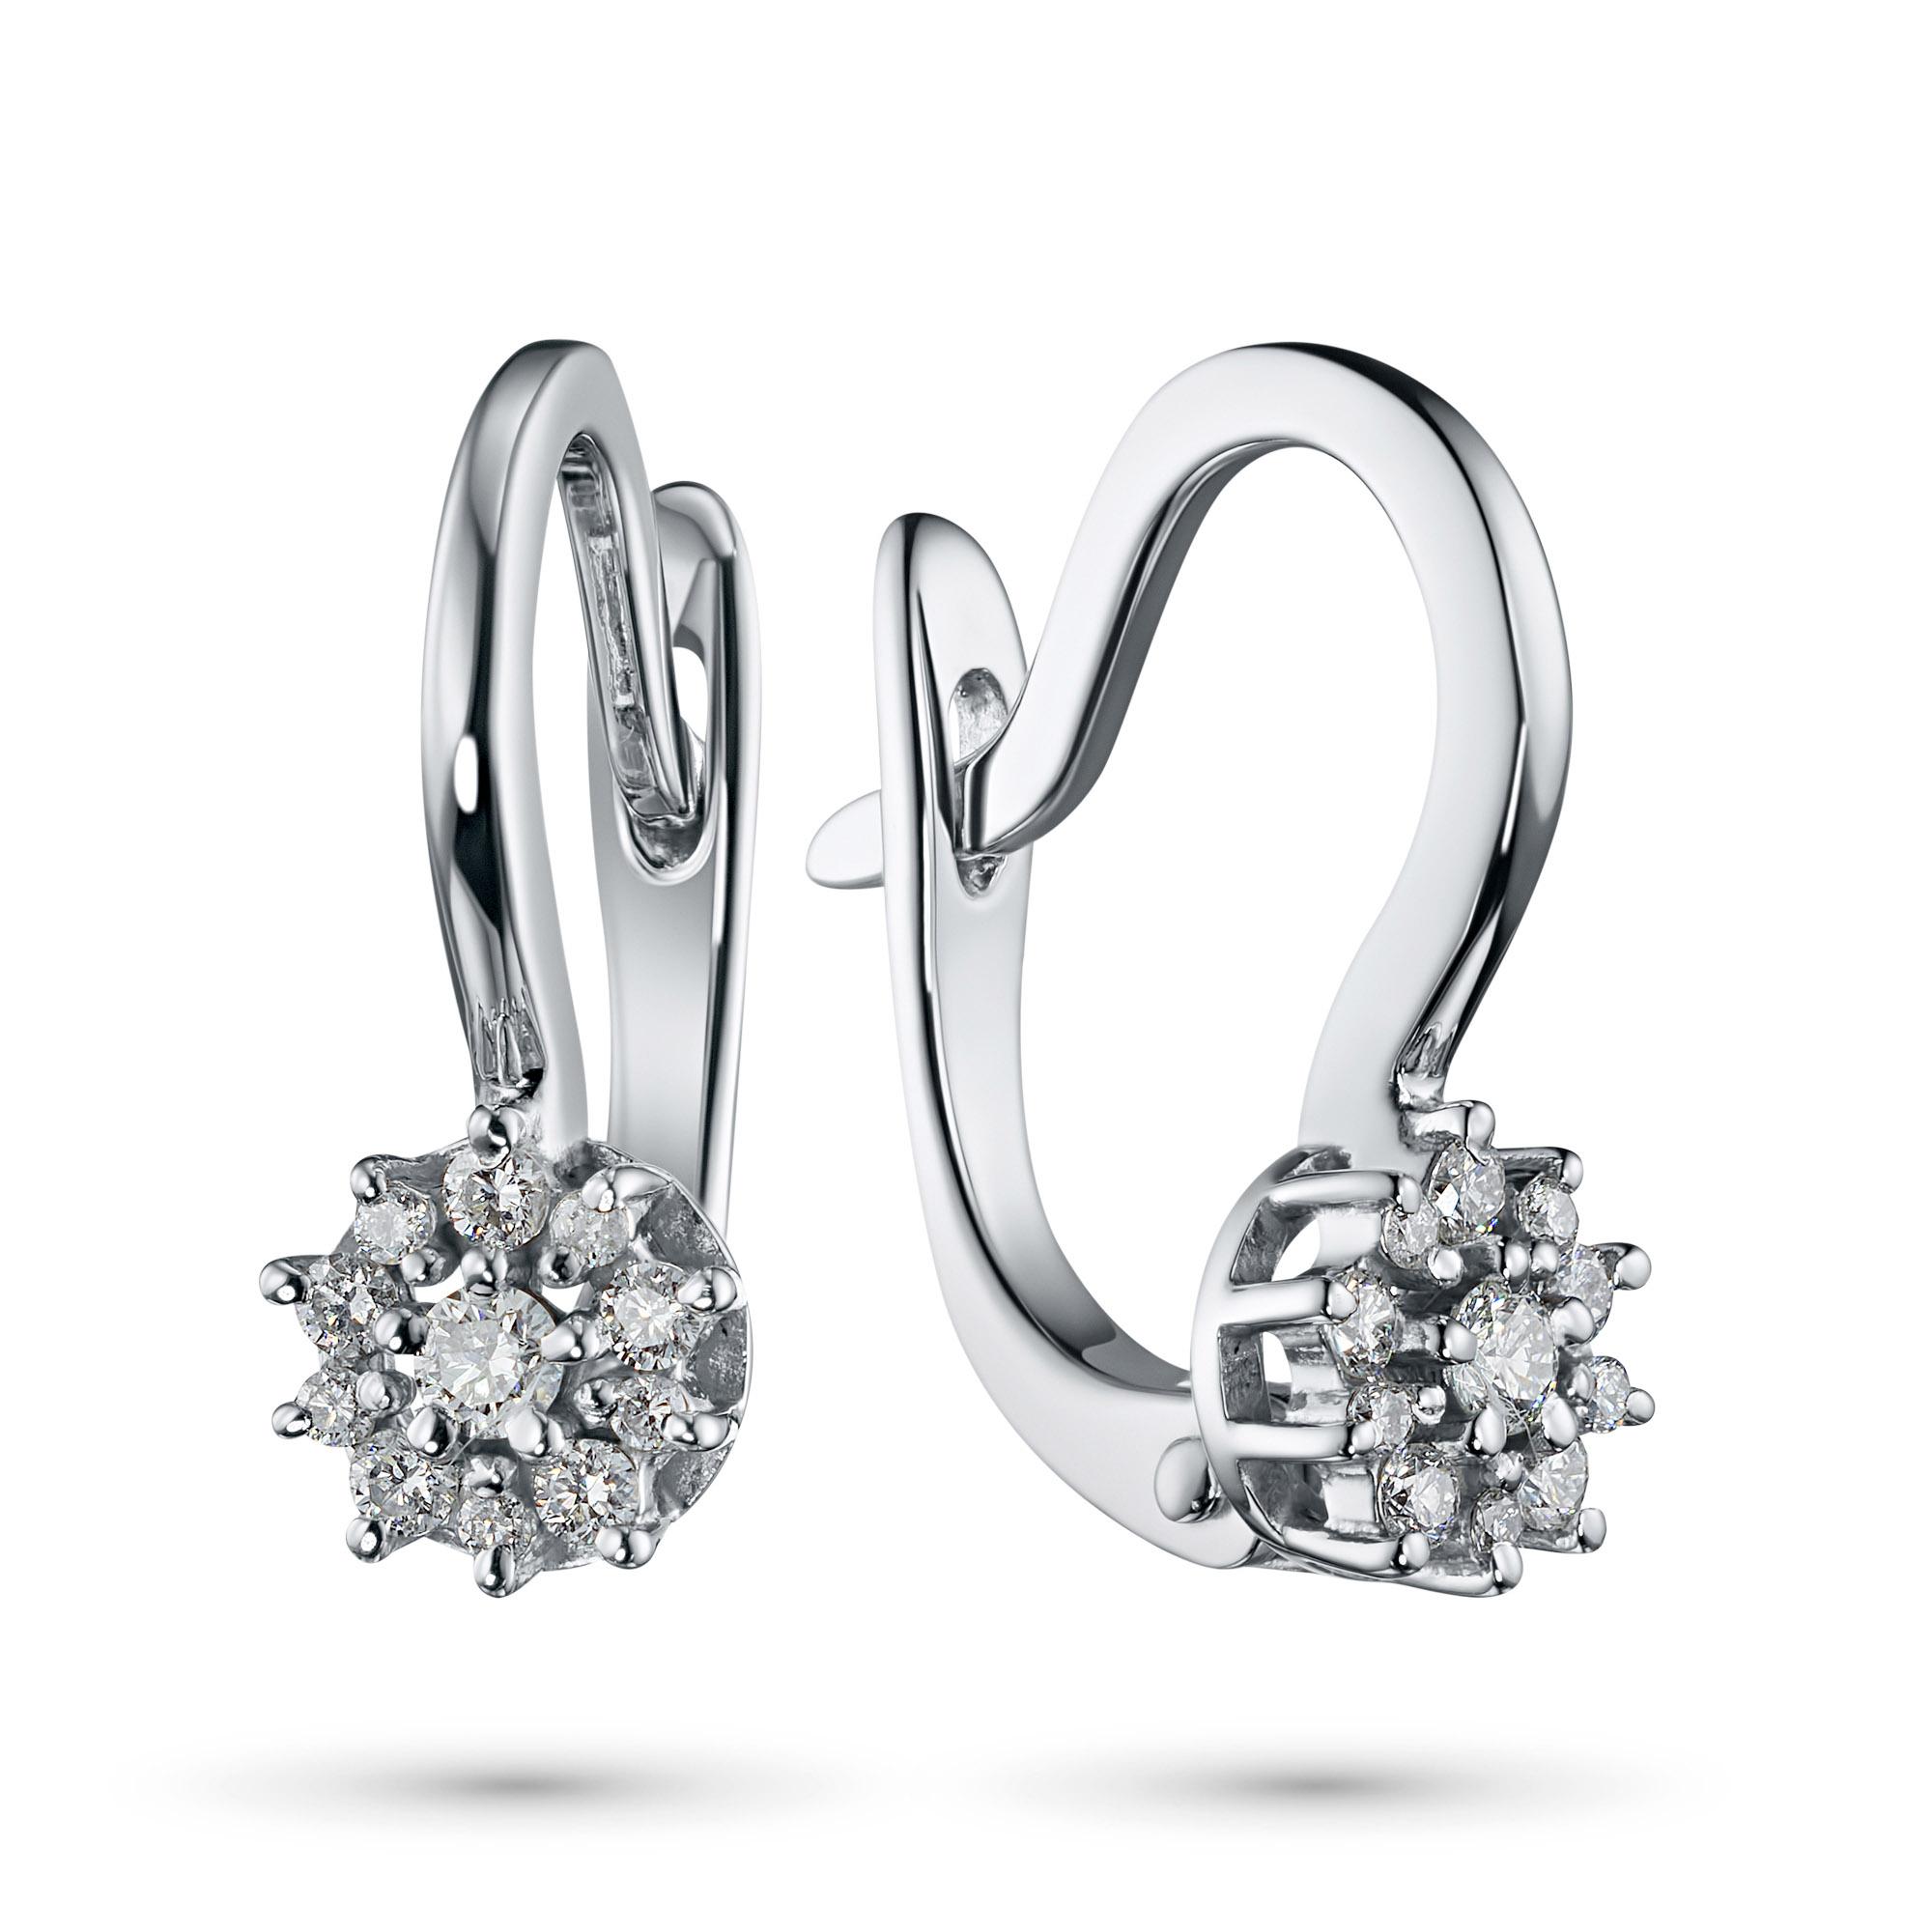 Серьги из белого золота с бриллиантами э0901сг07191000 э0901сг07191000